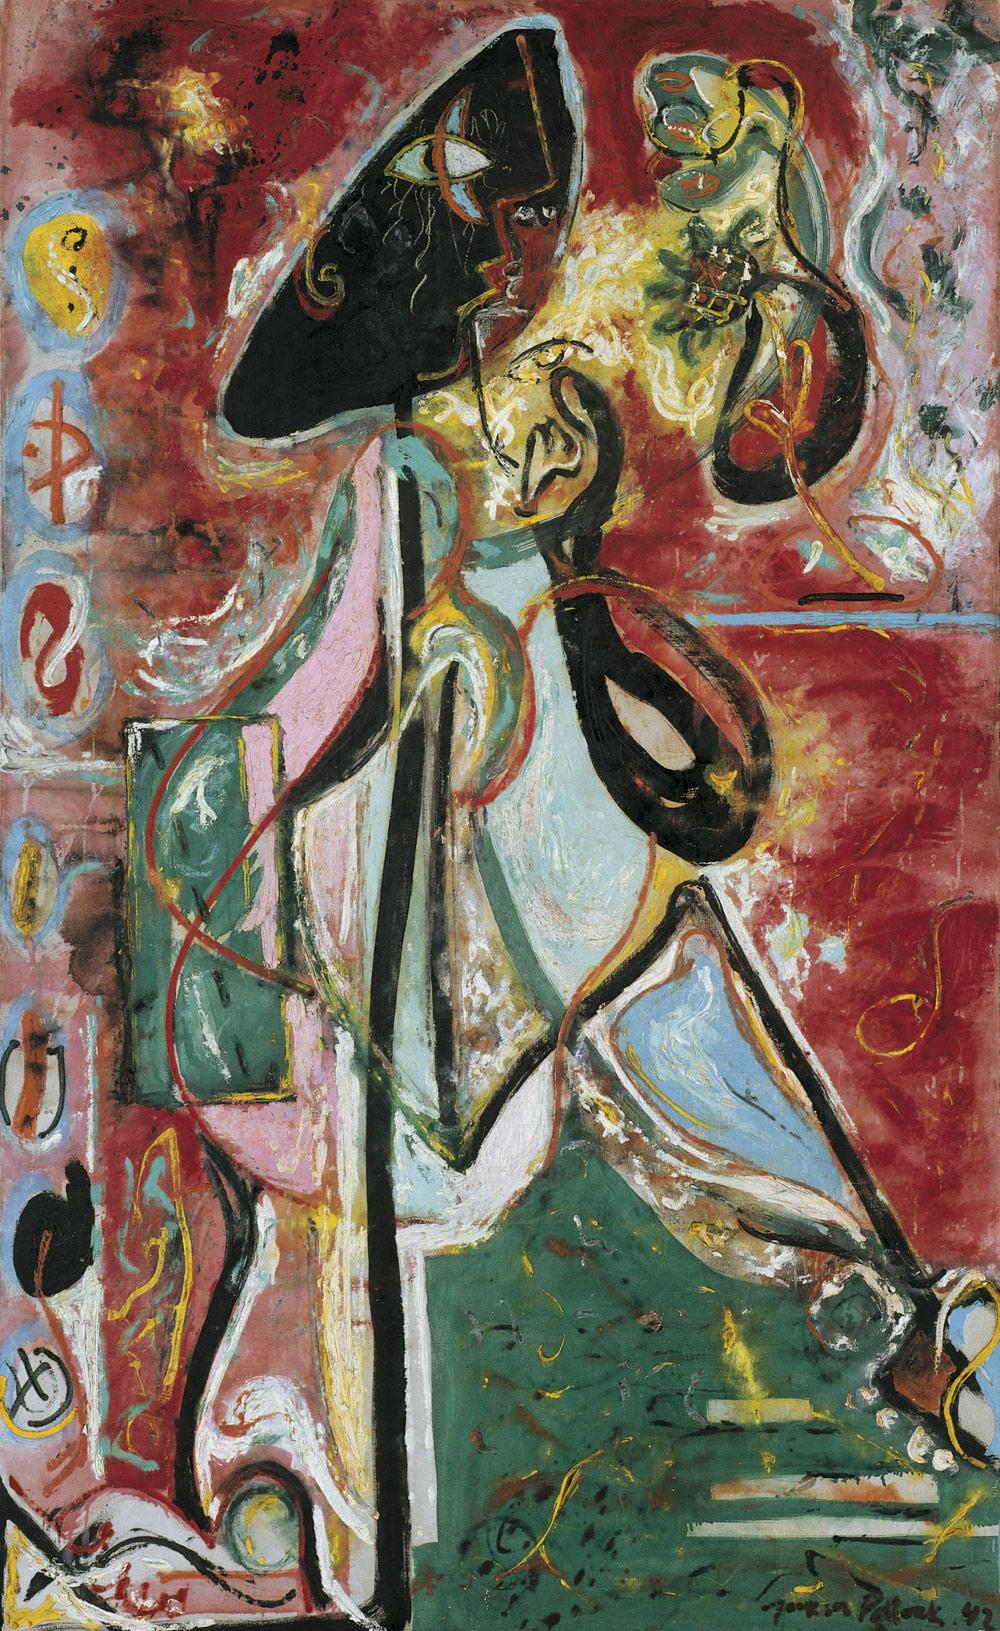 Jackson Pollock, La donna luna(1942; olio su tela, 175,2 x 109,3 cm; Venezia, Collezione Peggy Guggenheim) © Pollock-Krasner Foundation / Artists Rights Society (ARS), New